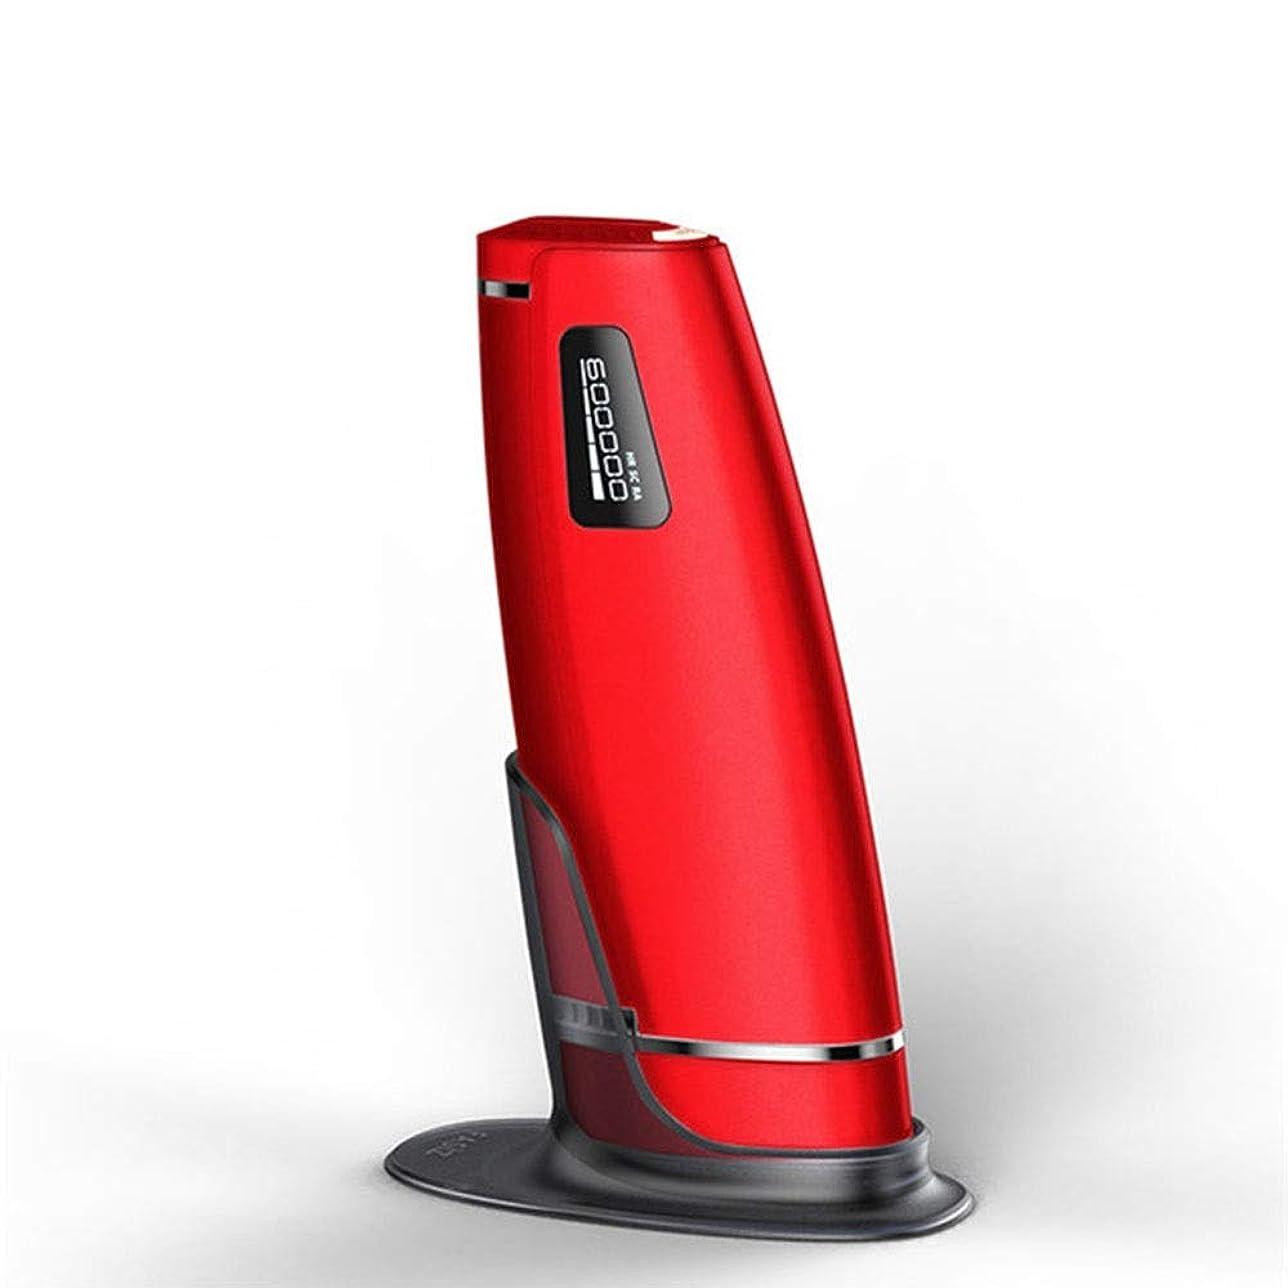 回転させるオズワルドエキサイティングNuanxin 赤、デュアルモード、ホームオートマチック無痛脱毛剤、携帯用永久脱毛剤、5スピード調整、サイズ20.5 X 4.5 X 7 Cm F30 (Color : Red)